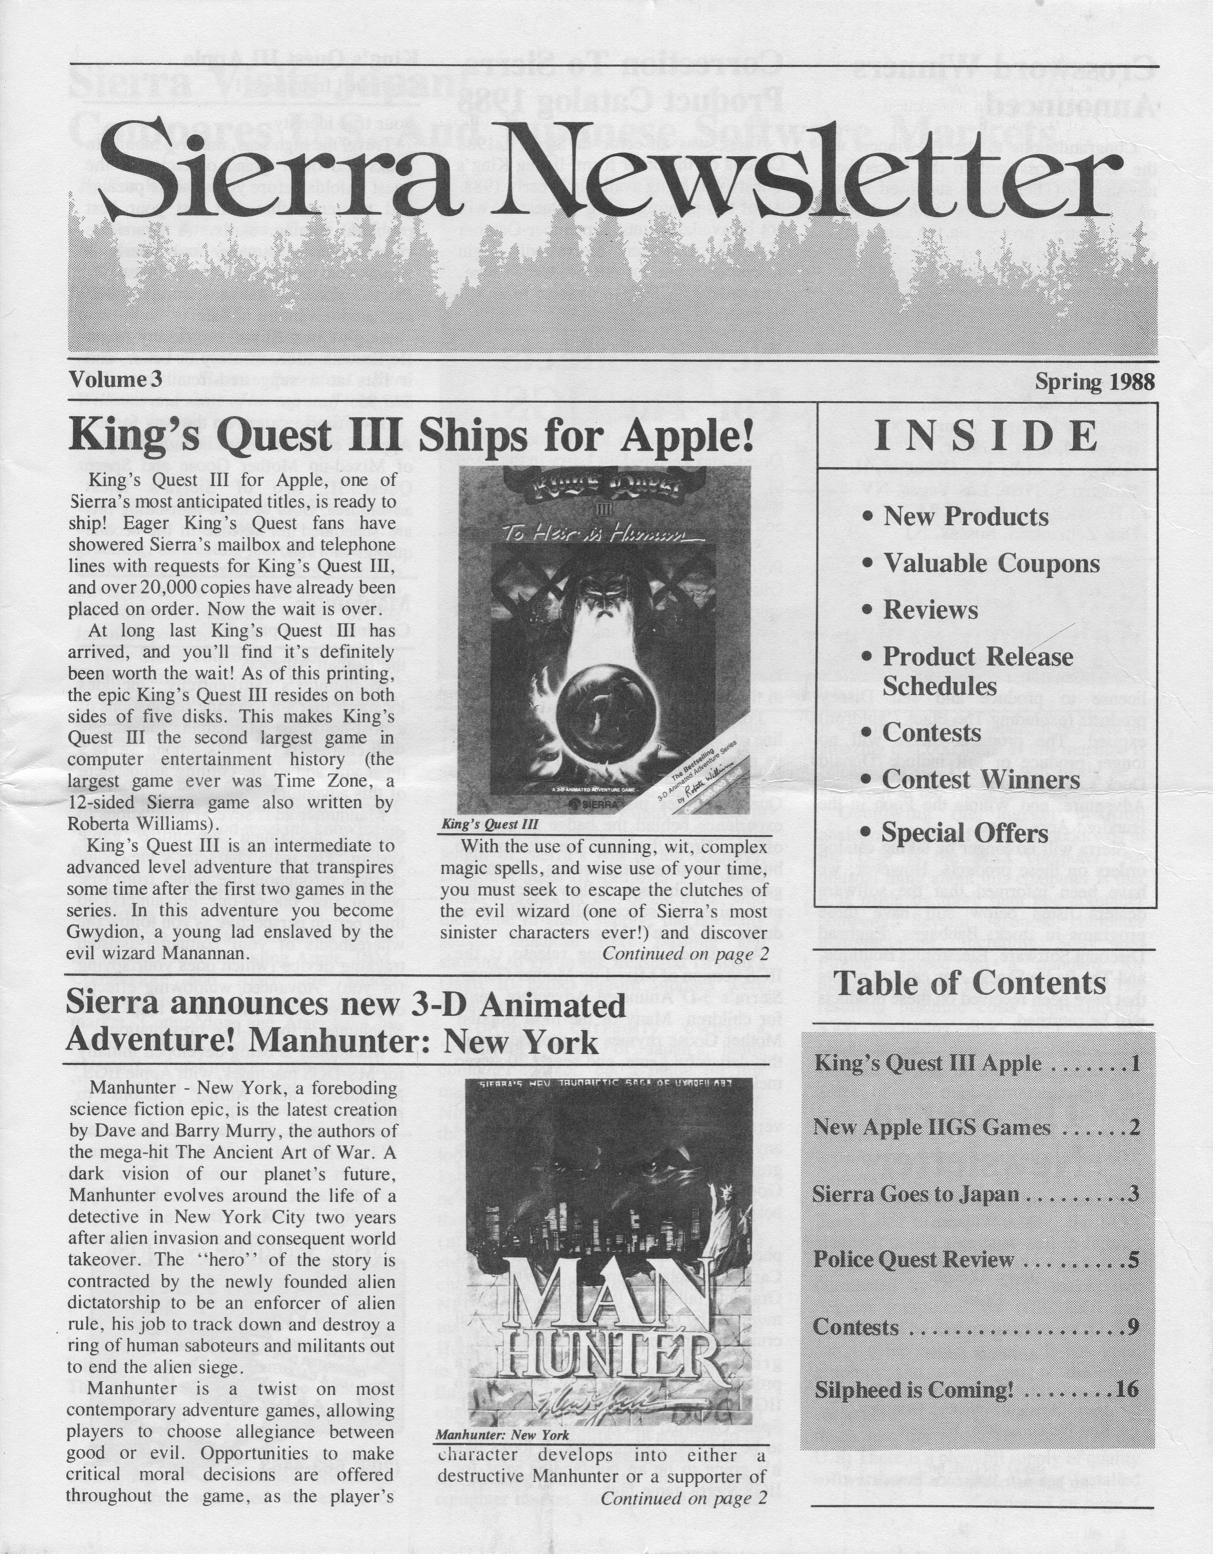 A Sierra On-Line több hírlevelet és egyéb füzet formátumú kiadványt jelentetett meg évről-évre. A képen a King's Quest harmadik részét ajánló Sierra Newsletter 1988 tavaszáról.